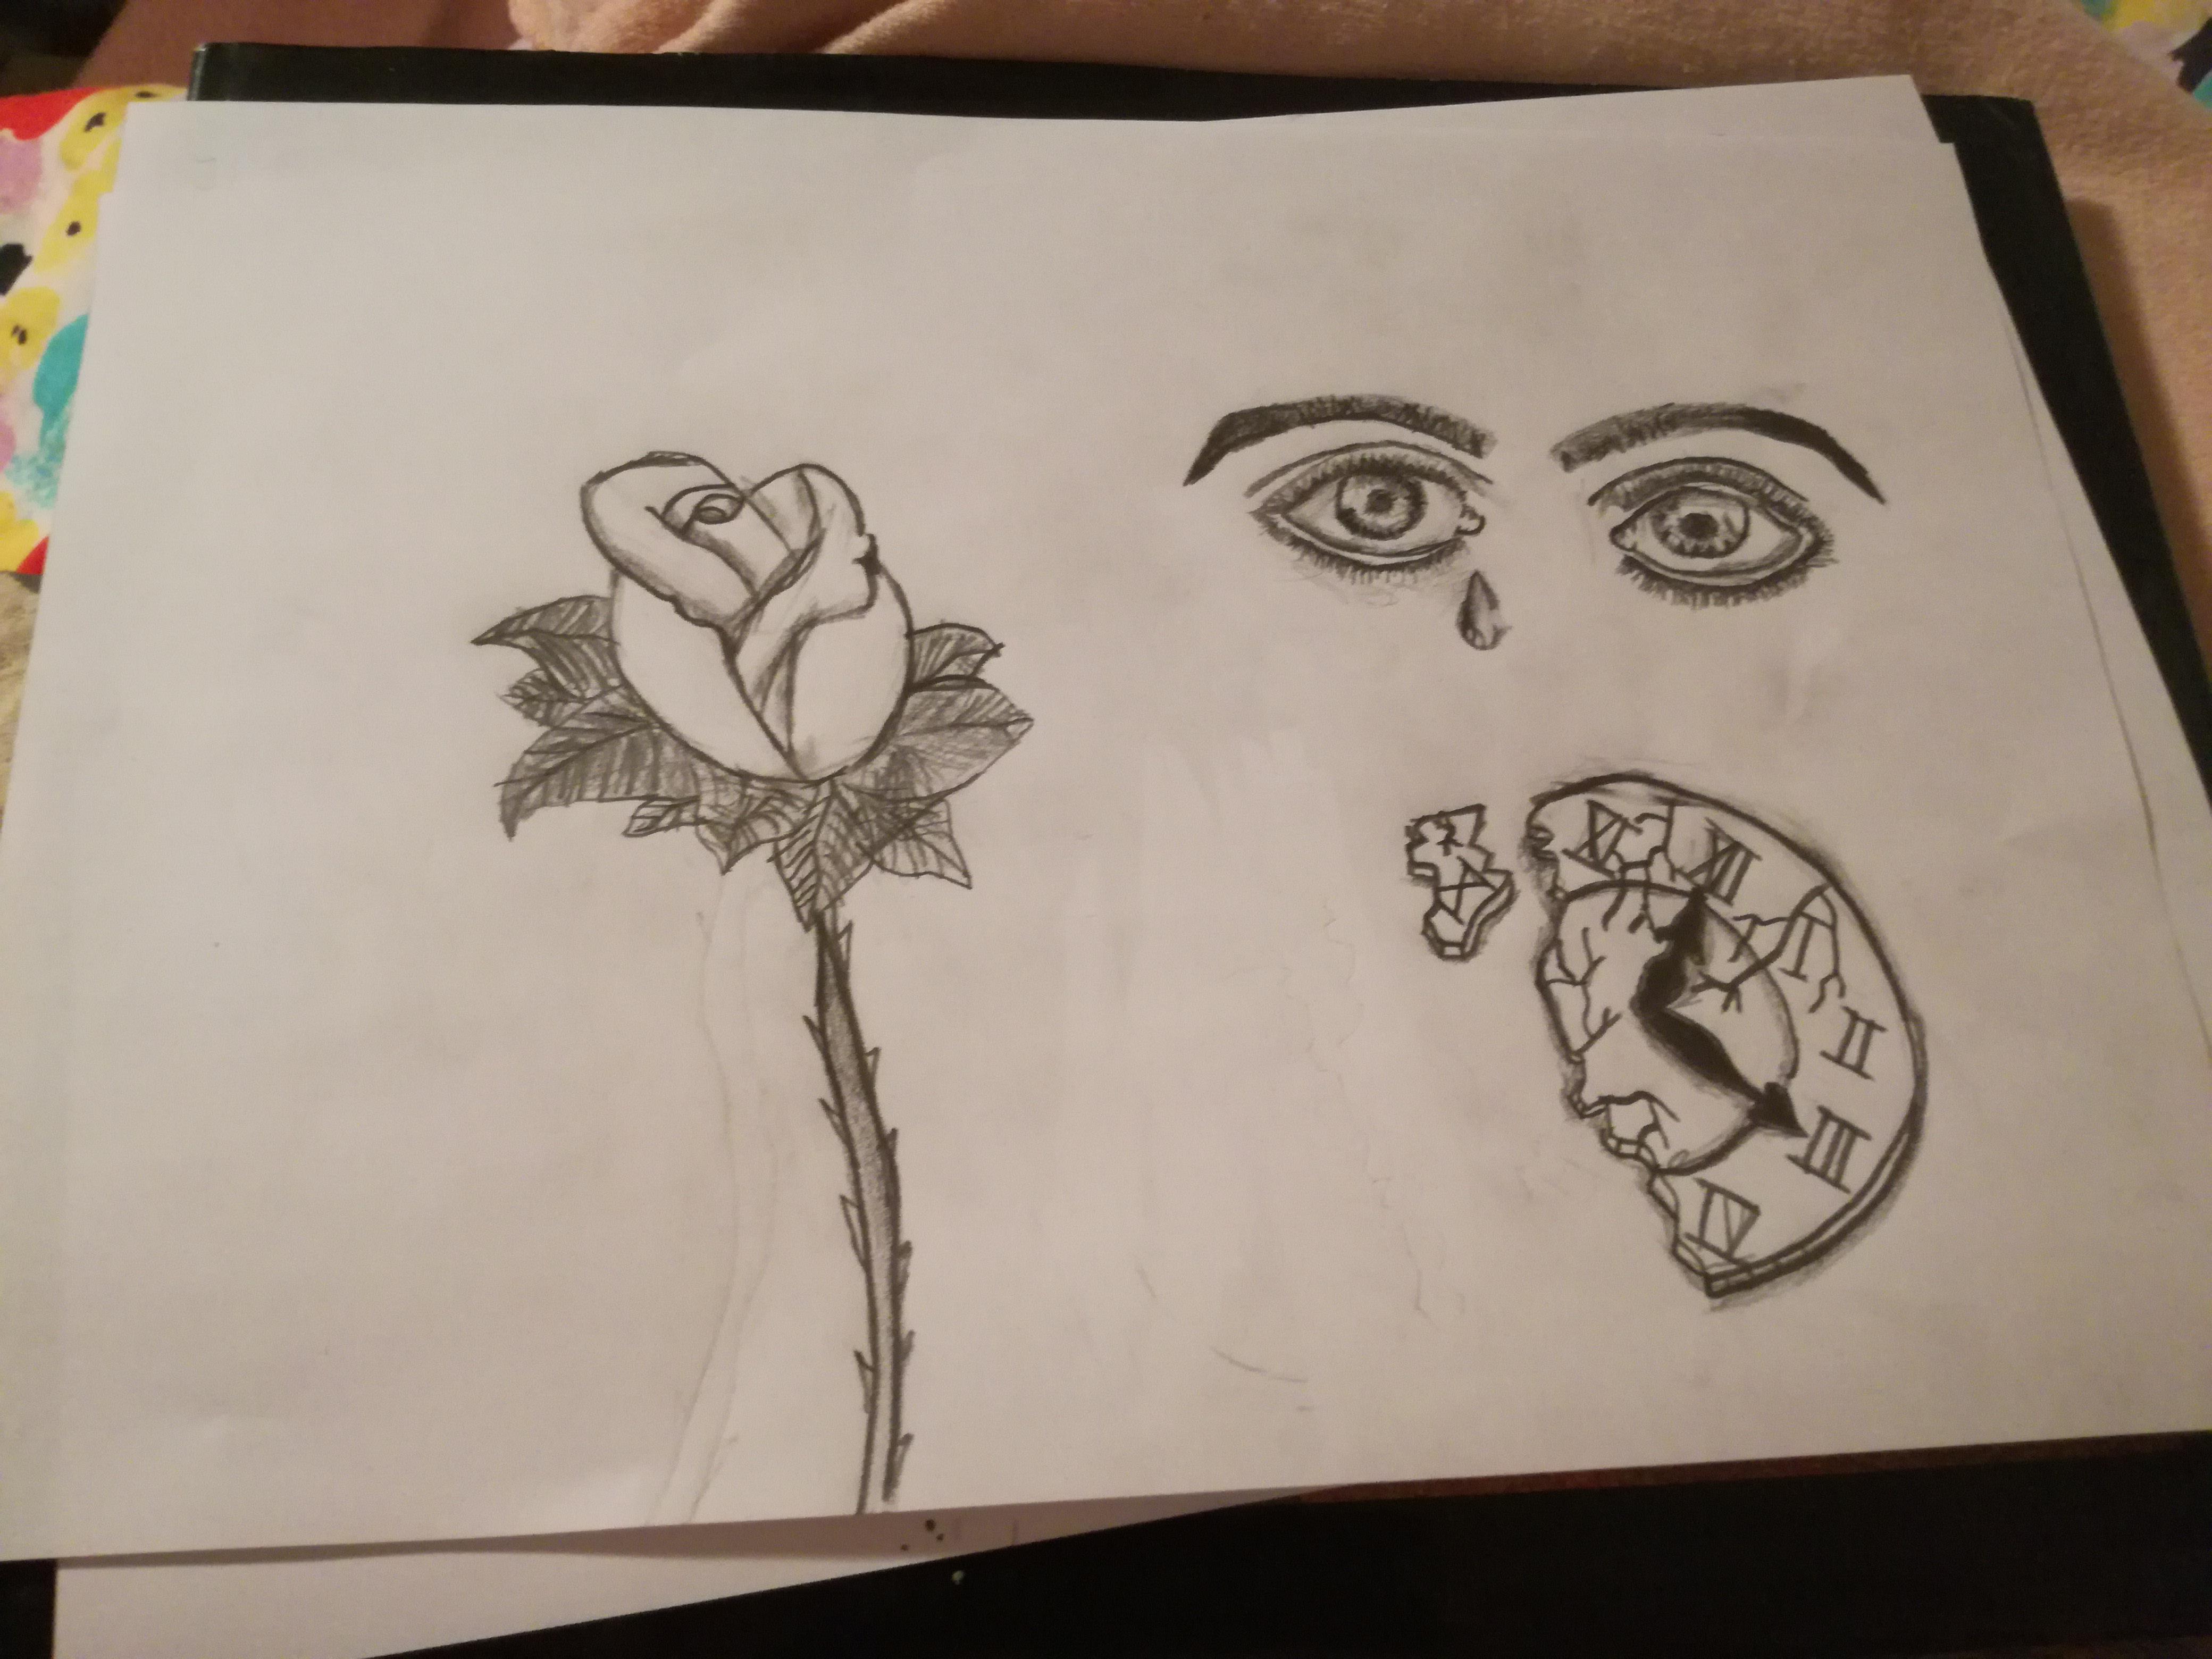 Wad soll ich noch dazu zeichnen? (Bilder)